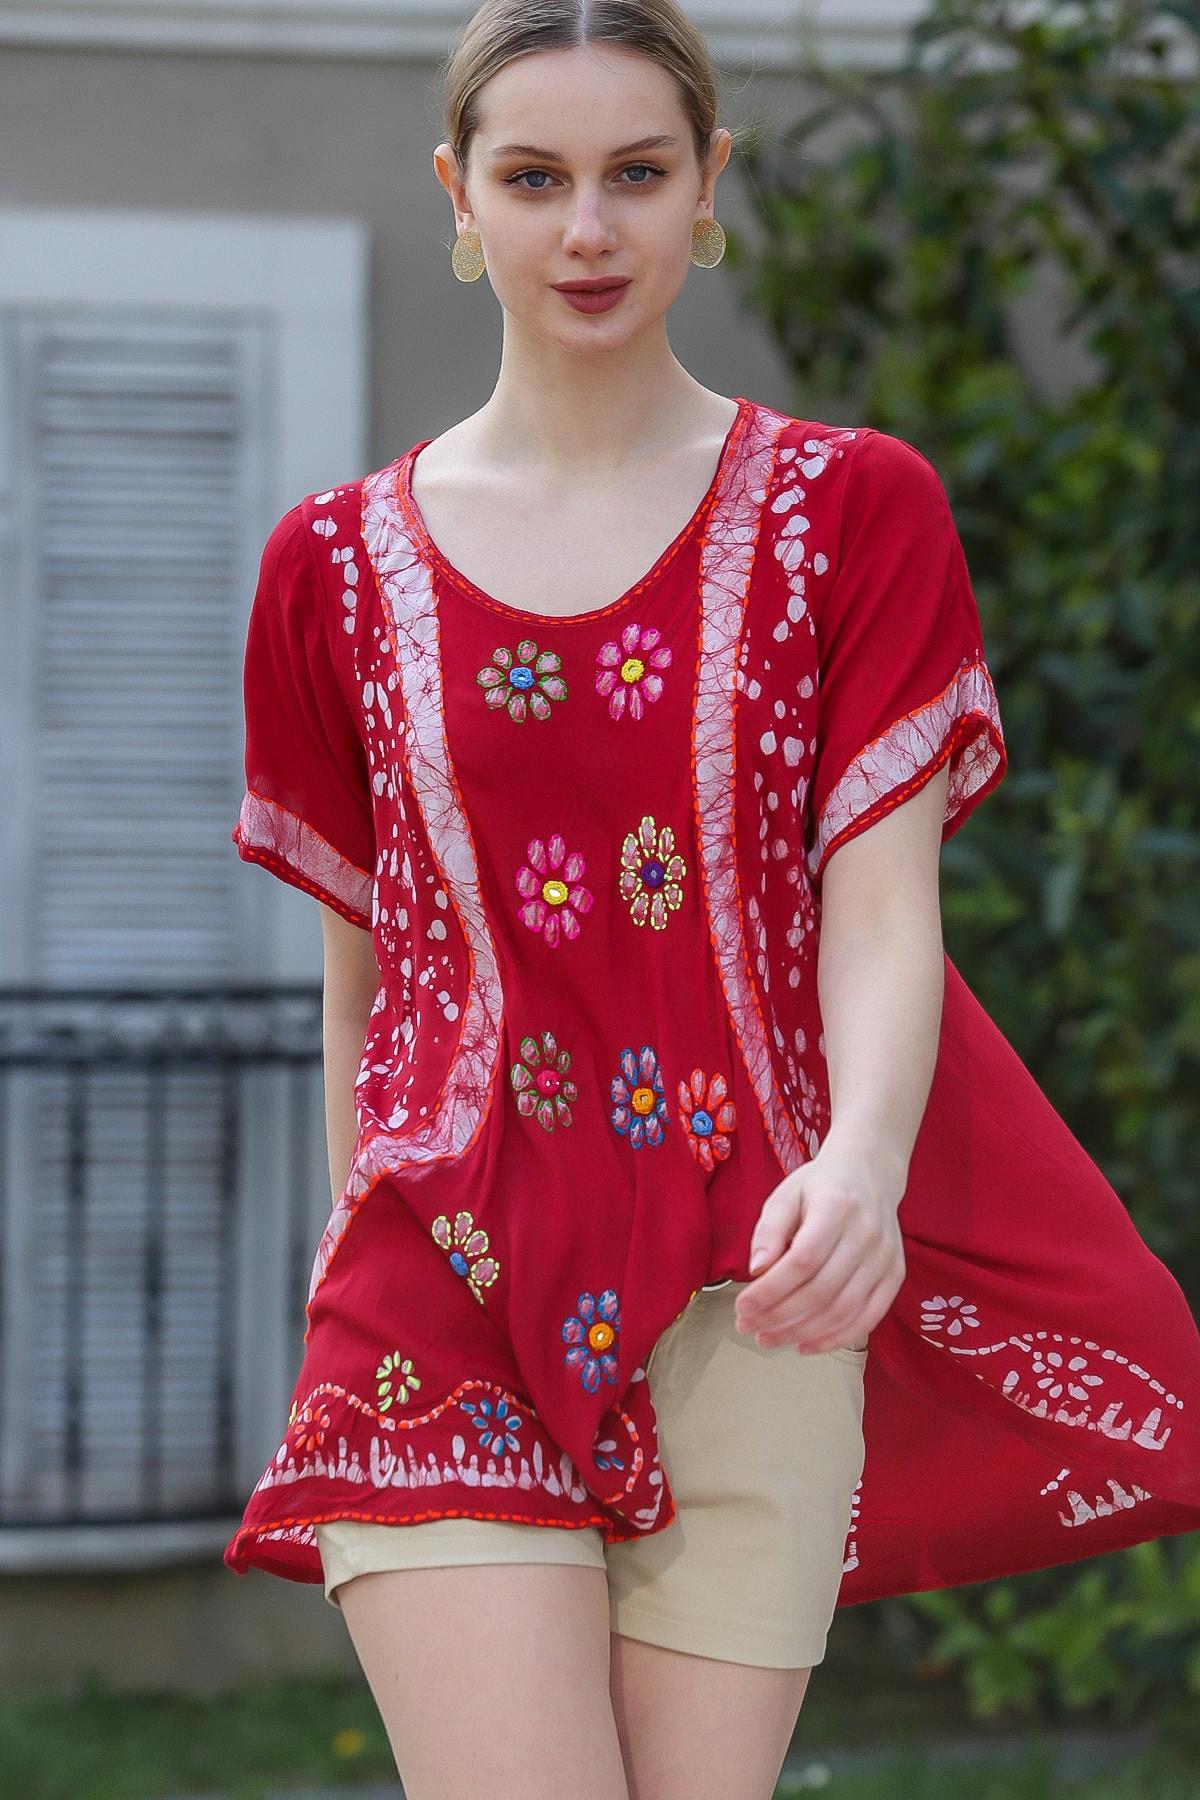 Chiccy Kadın Bordo U Yaka Çiçek Nakışlı Batik Desenli Salaş Tunik Bluz M10010200BL95380 1